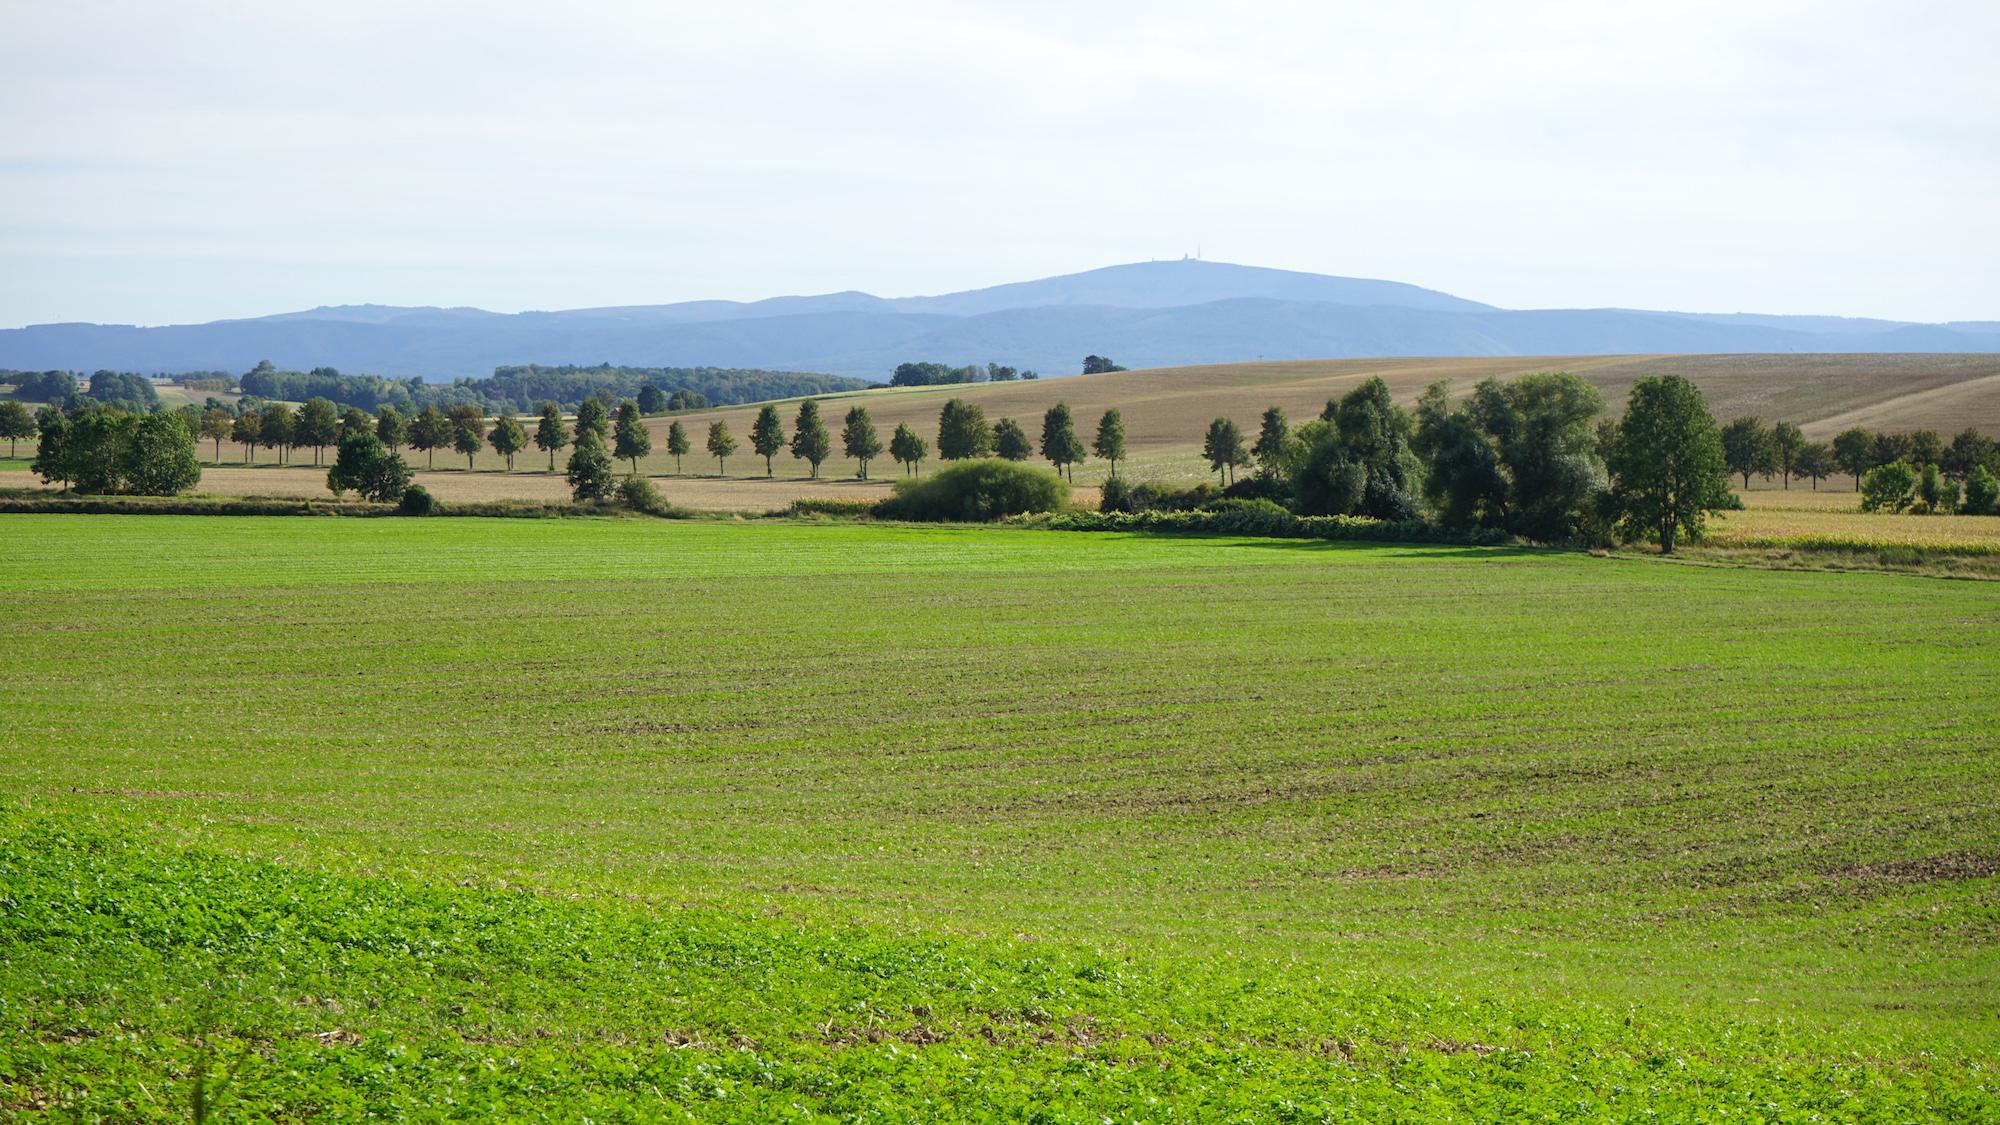 Nördliches Harzvorland: Blick zum Brocken auf dem Weg zur Stempelstation 25 / Beate Ziehres